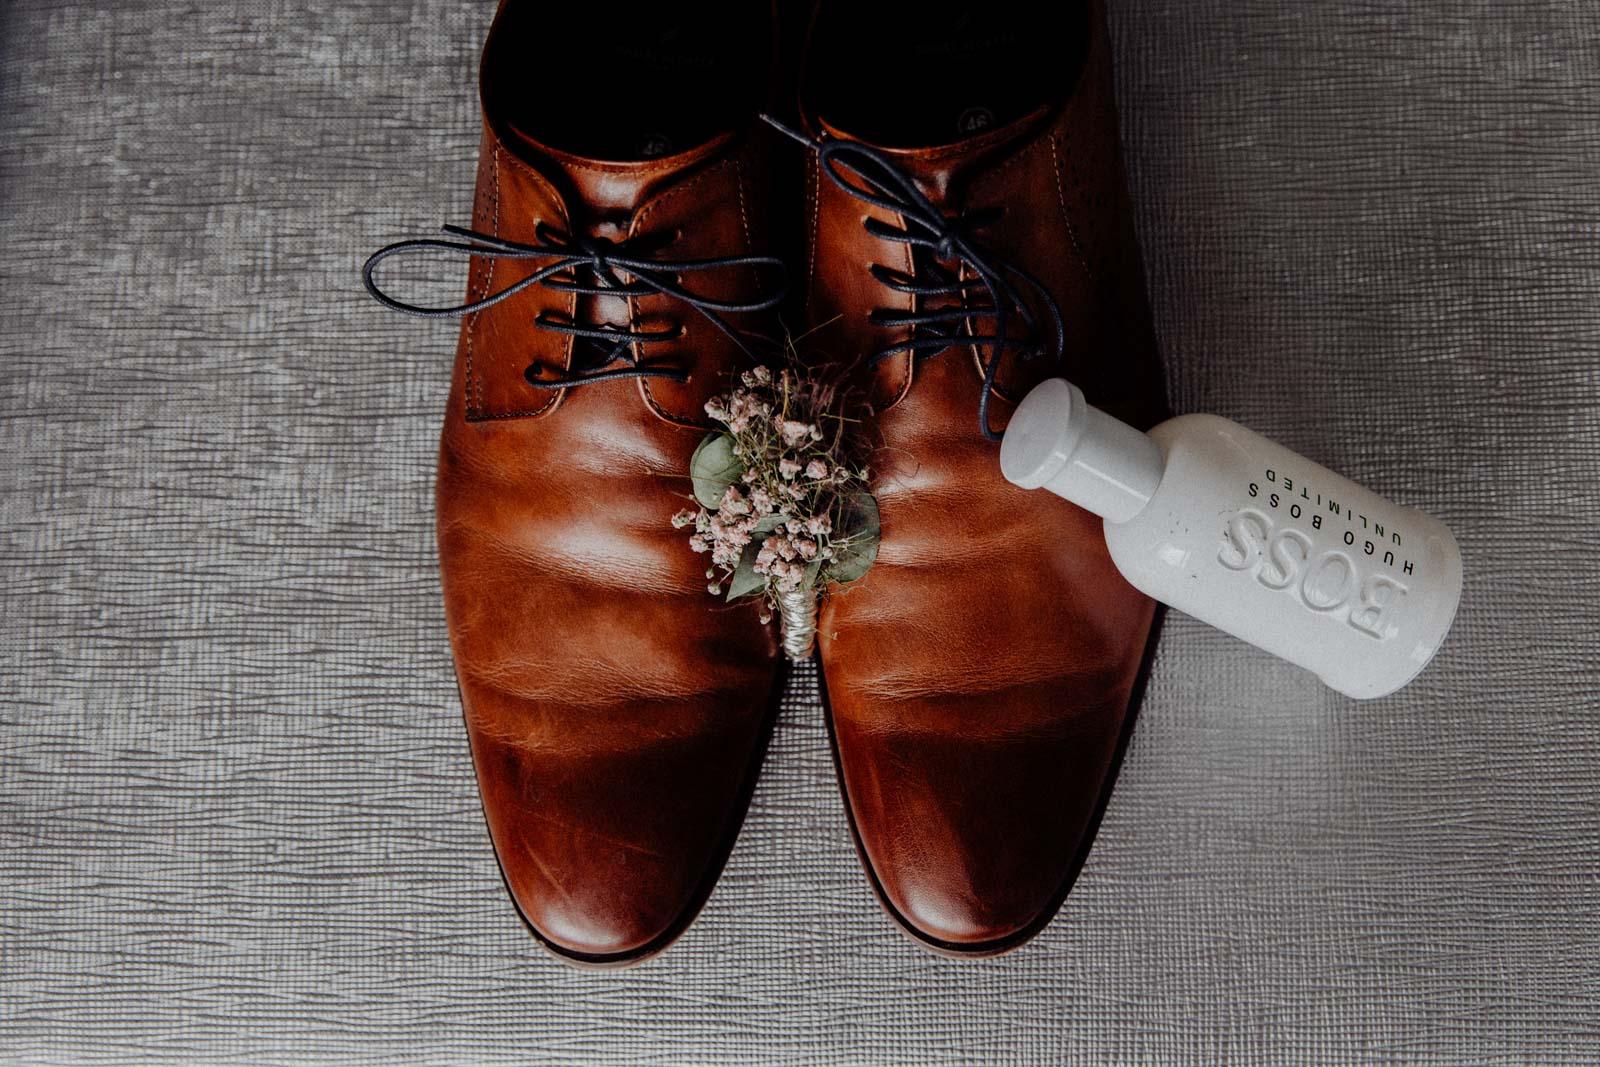 Schuhe des Braeutigams beim Getting Ready mit PArfum und Blumen arrangiert